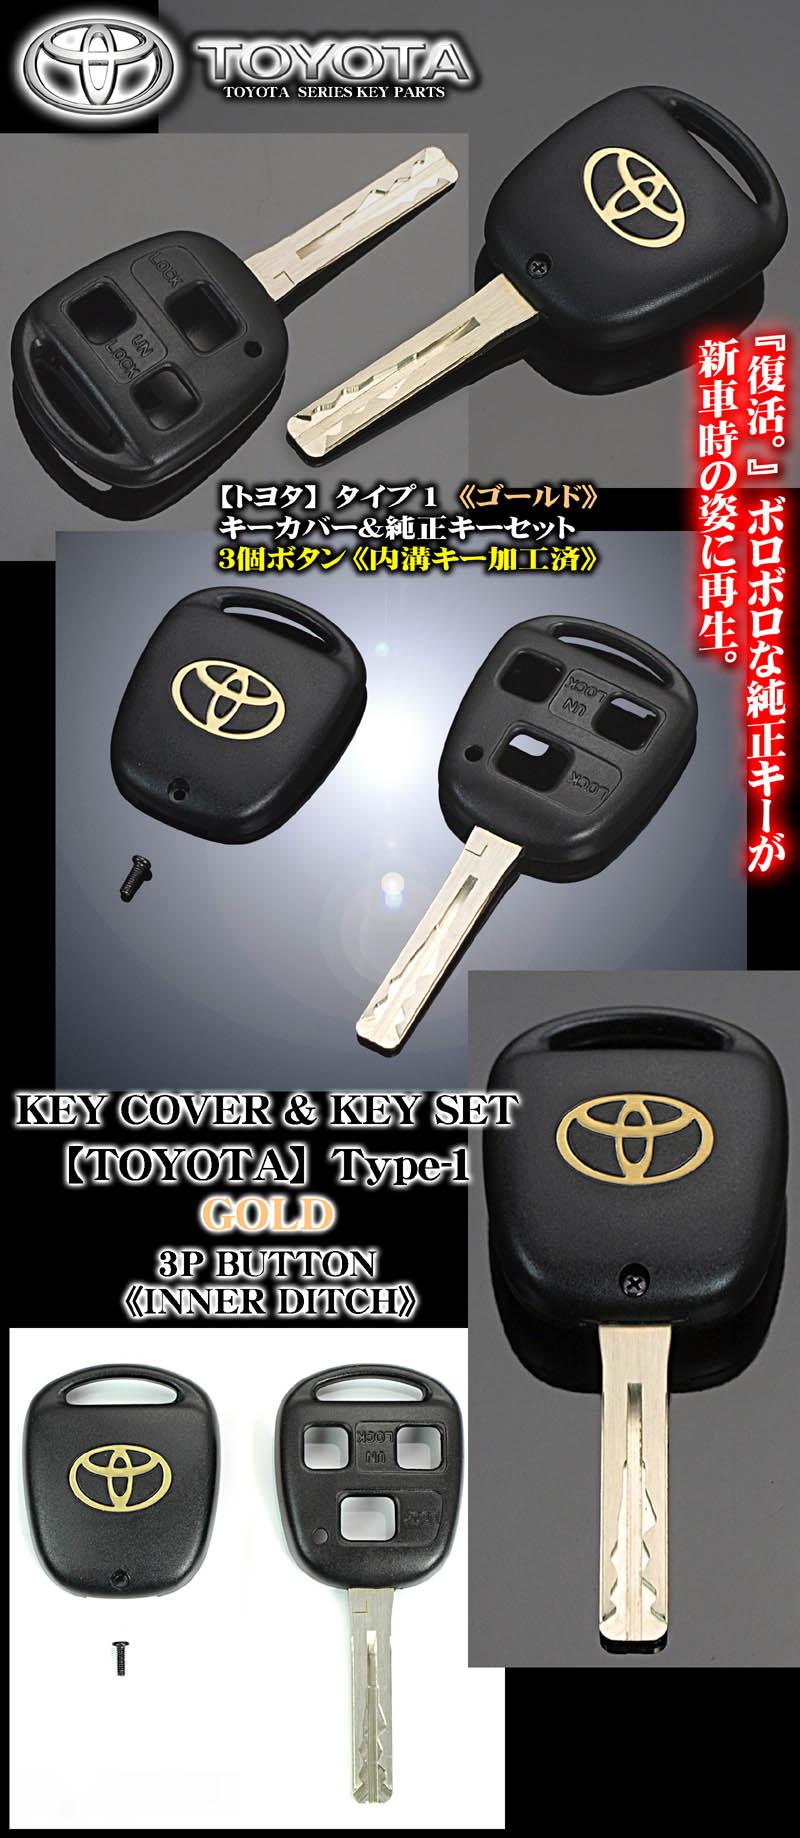 【トヨタ車《ゴールド》トヨタキーカバー&キーセット《キーカット加工済/内溝3個ボタン》リモコン車用/タイプ1】